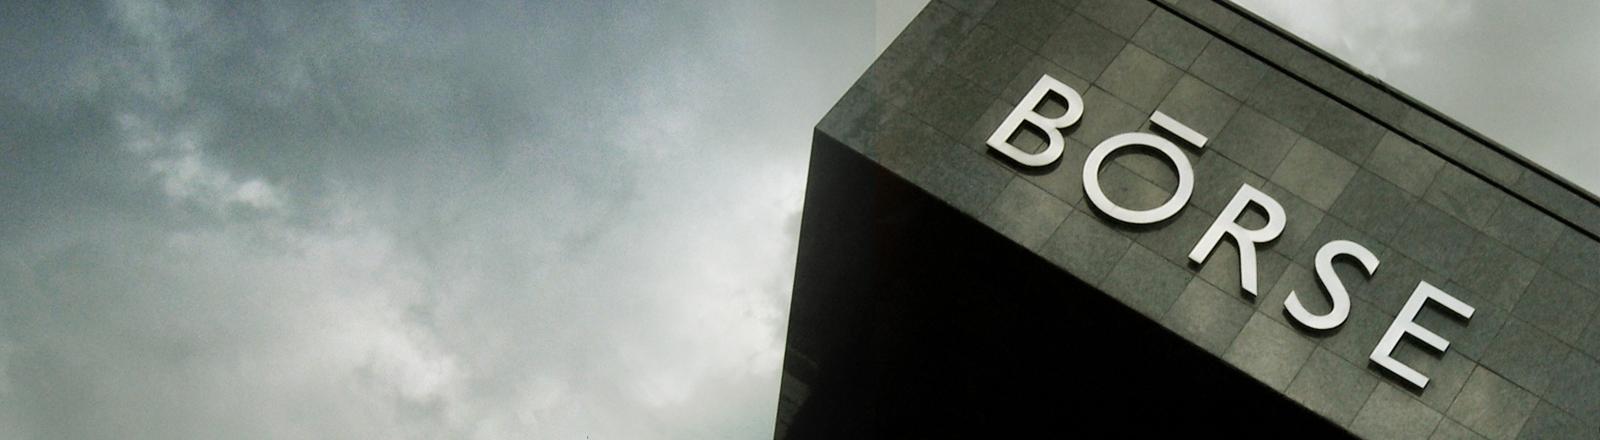 Ein Gebäude mit der Aufschrift Börse